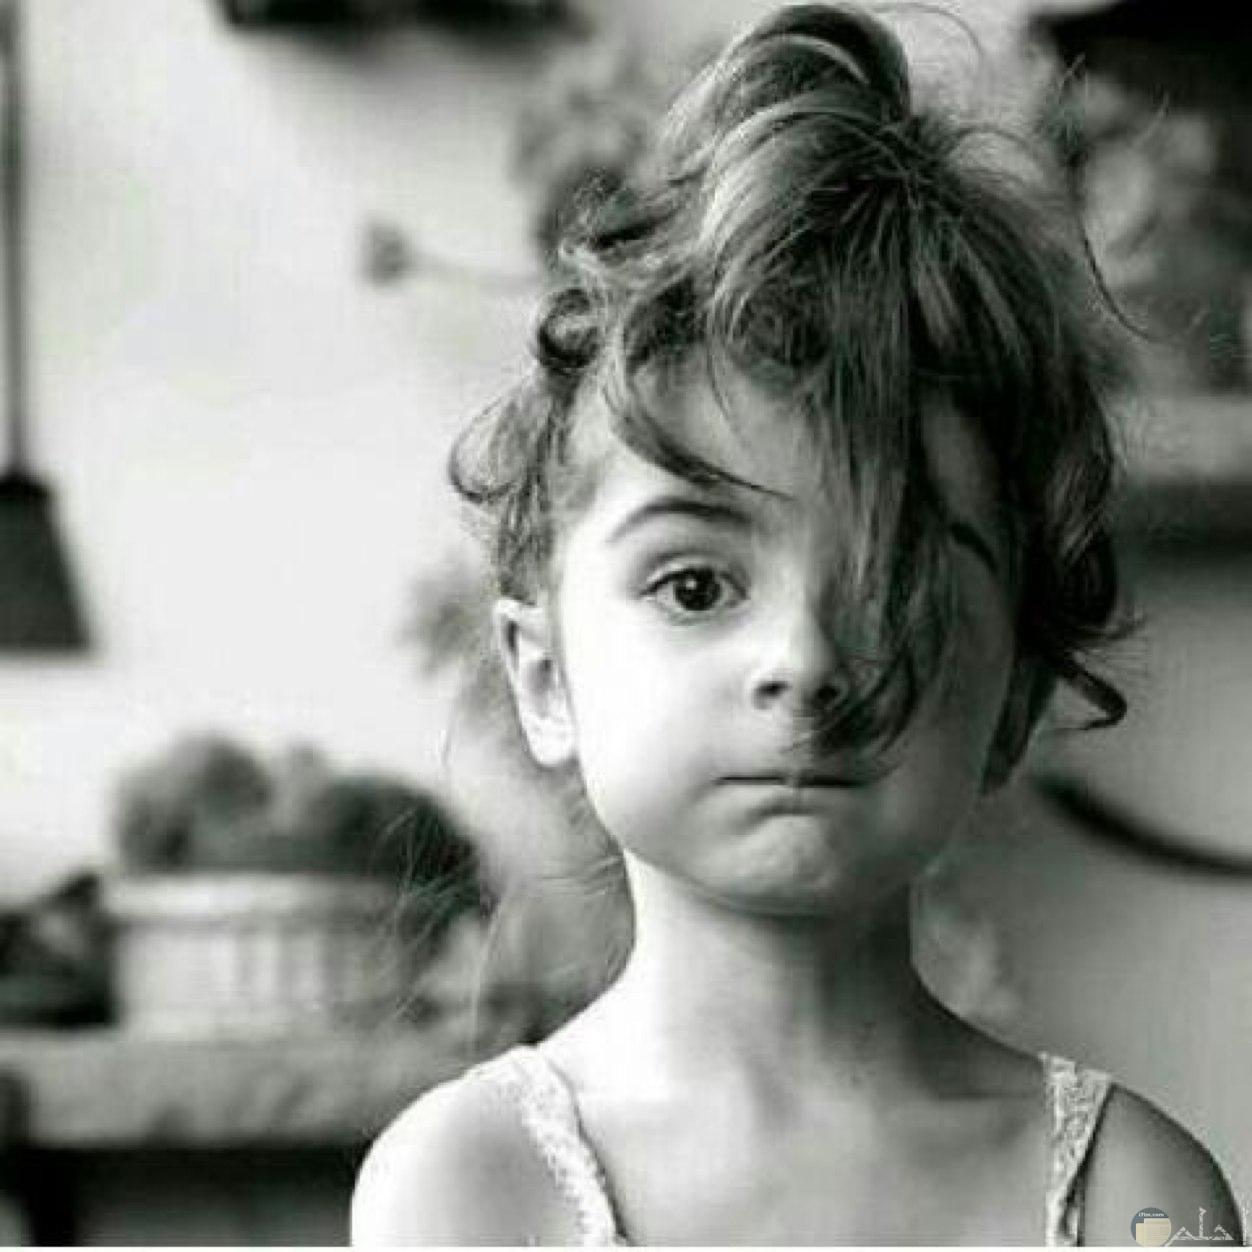 فتاة صغيرة بتسريحة شعر غريبة و جميلة.